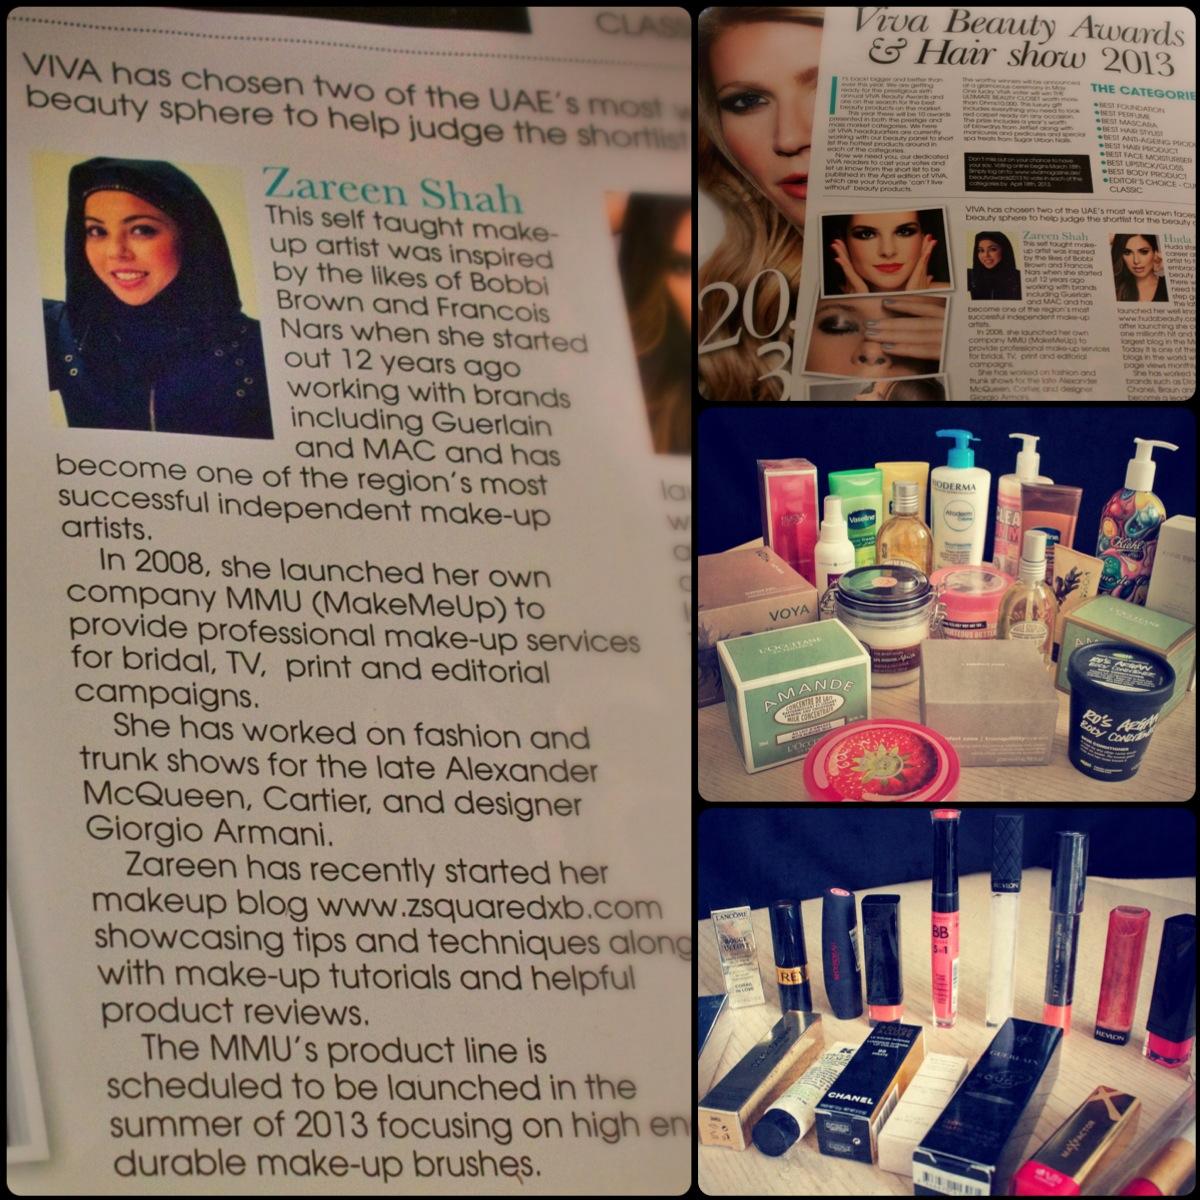 VIVA magazine beauty Awards 2013